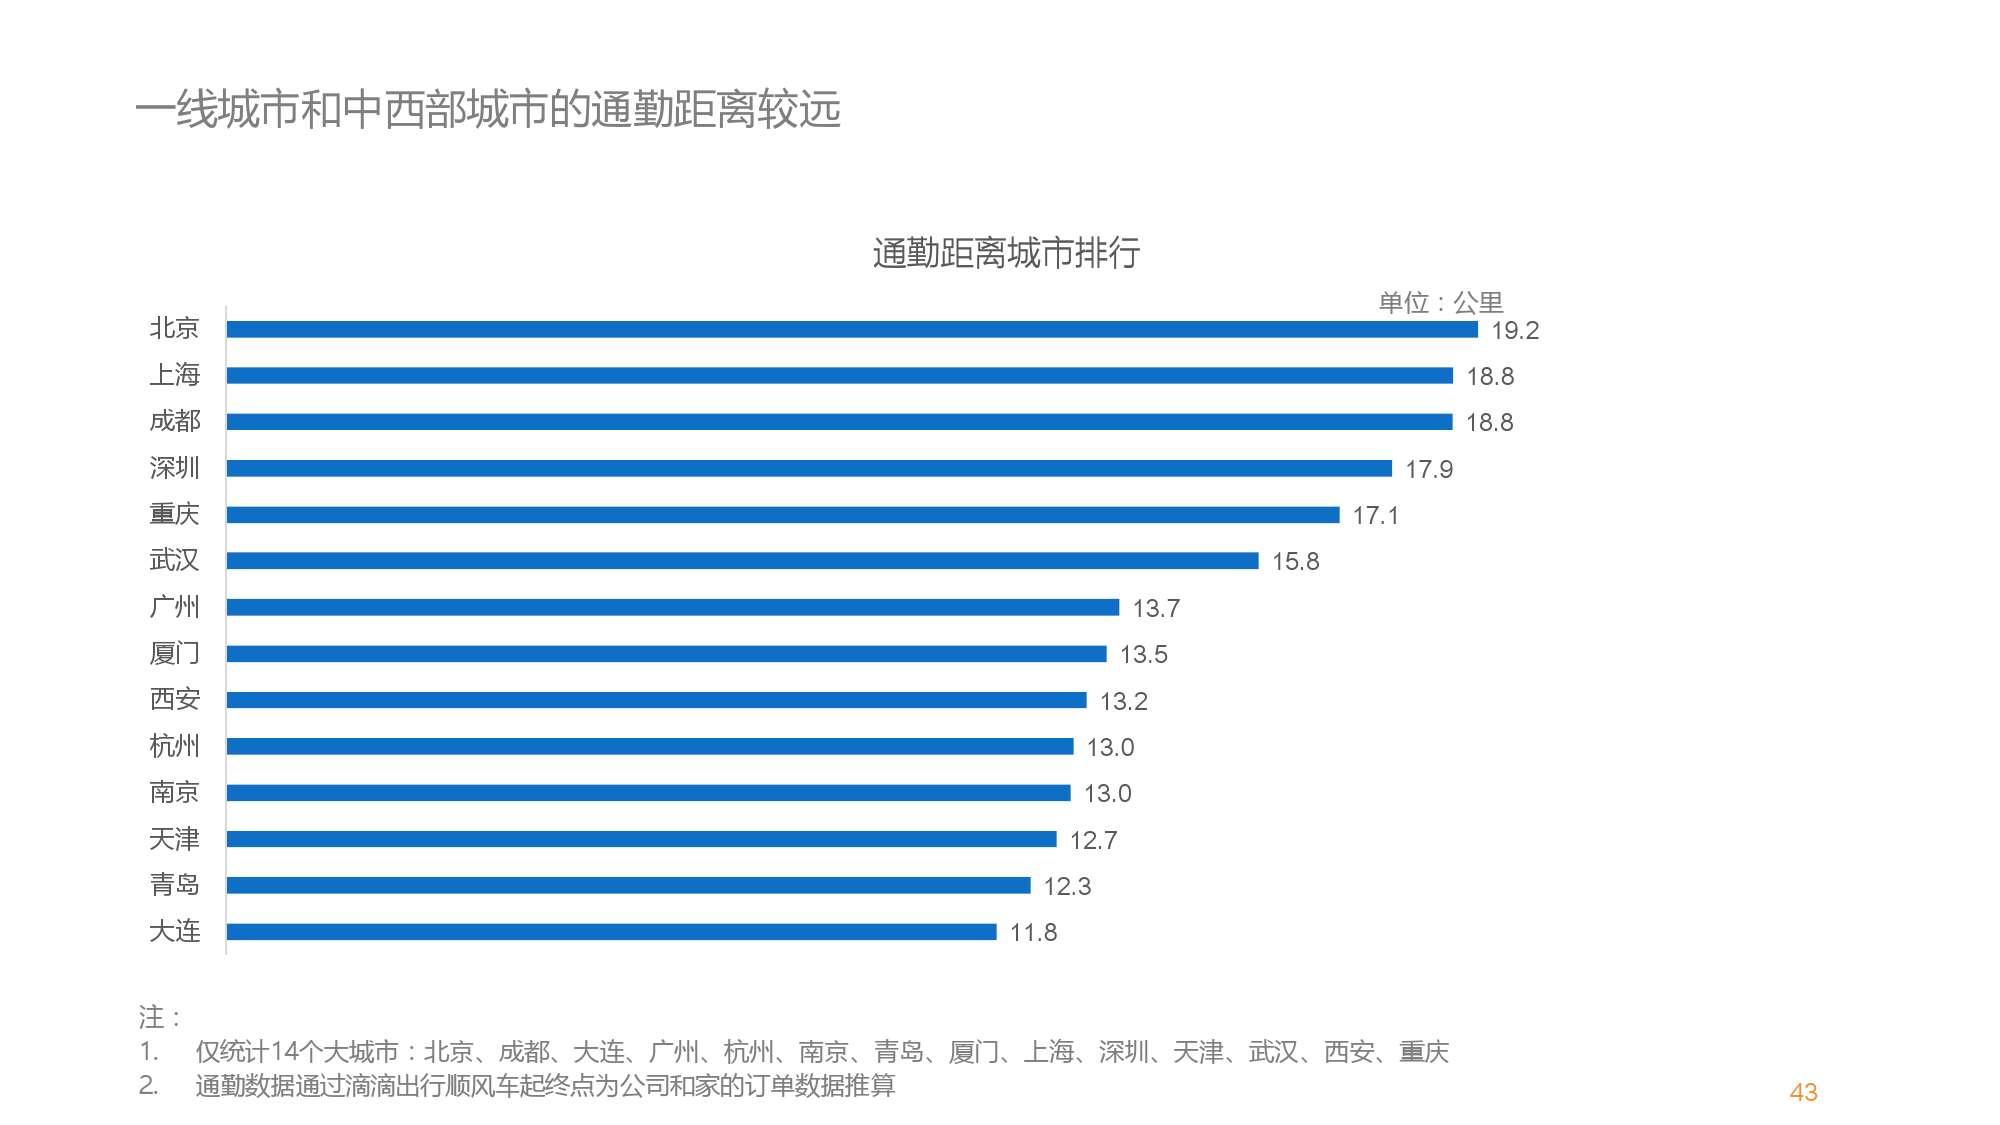 中国智能出行2015大数据报告_000043